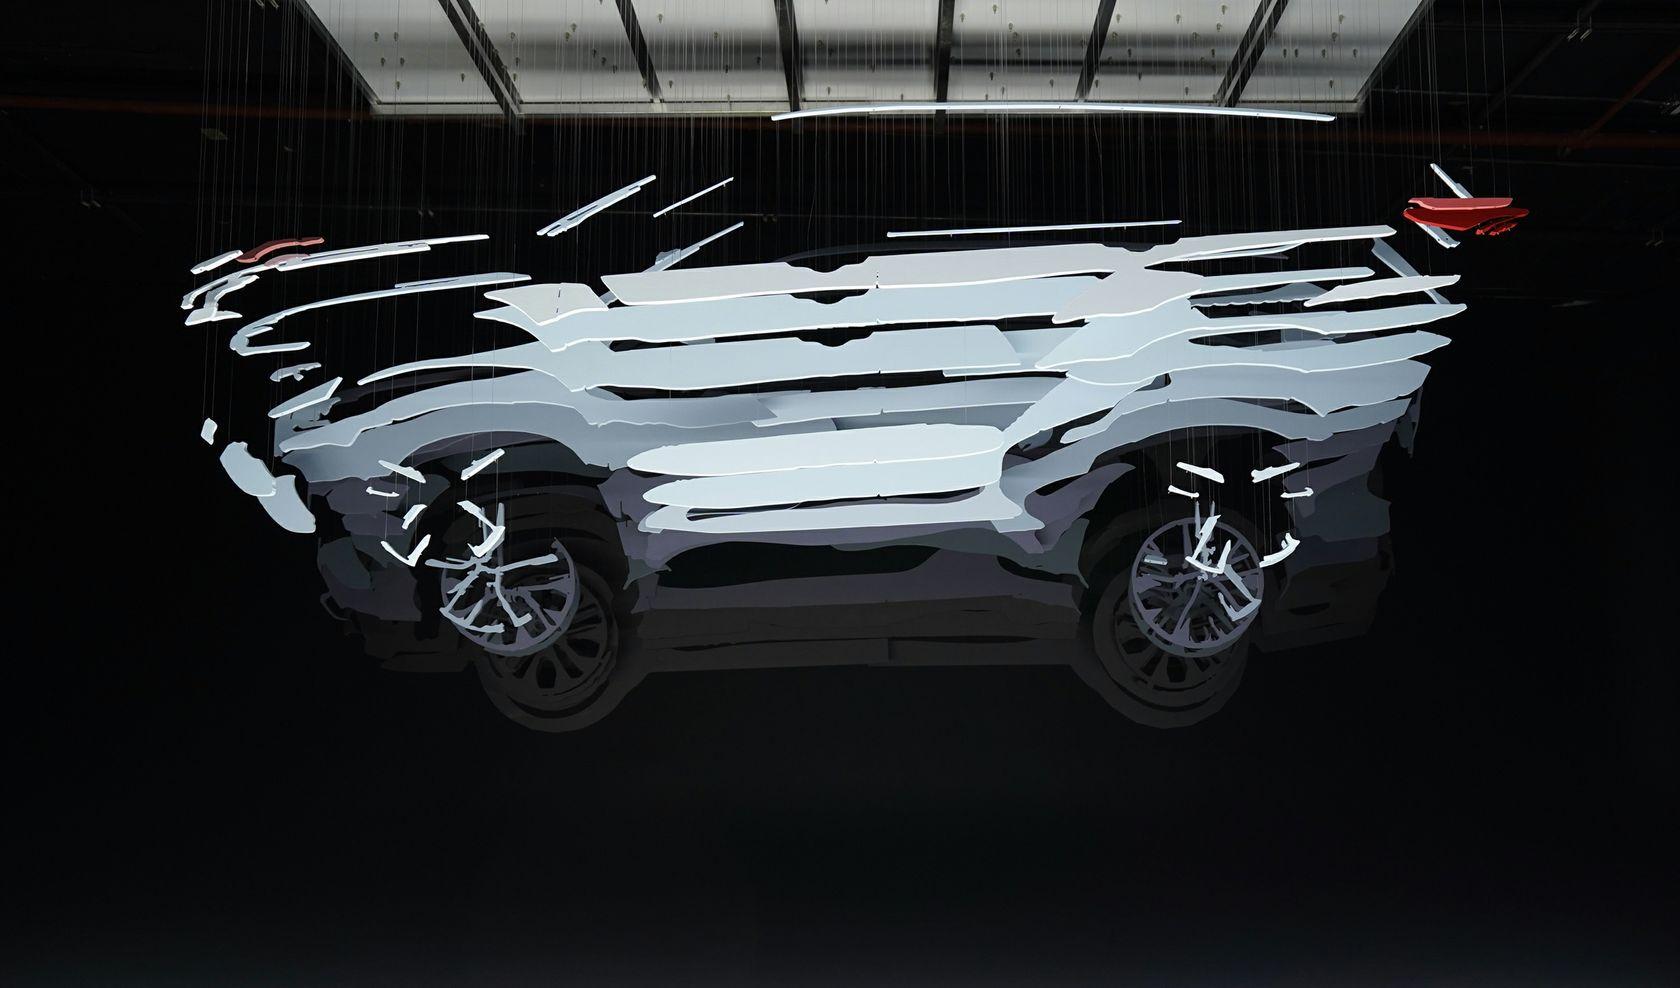 2020 Toyota Highlander Teaser 006